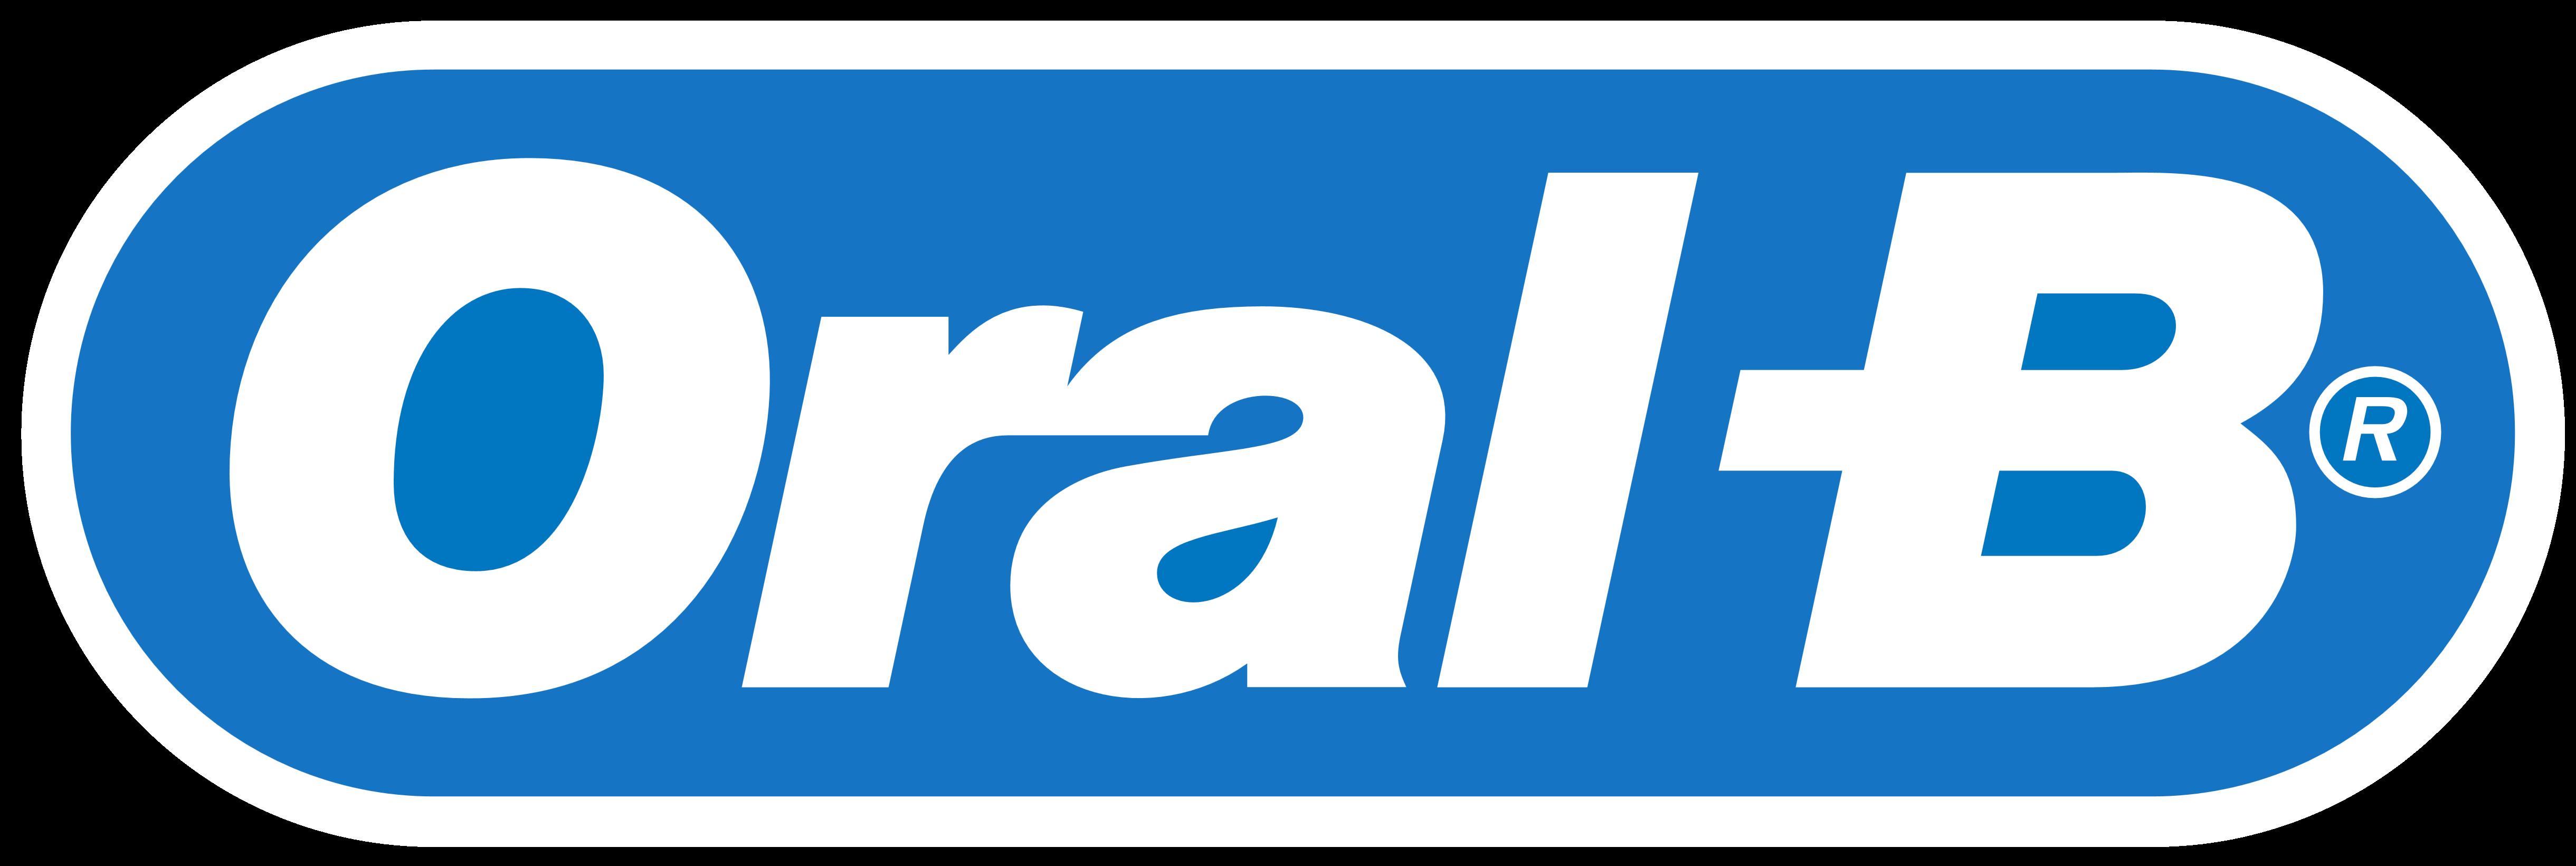 oralb � logos download